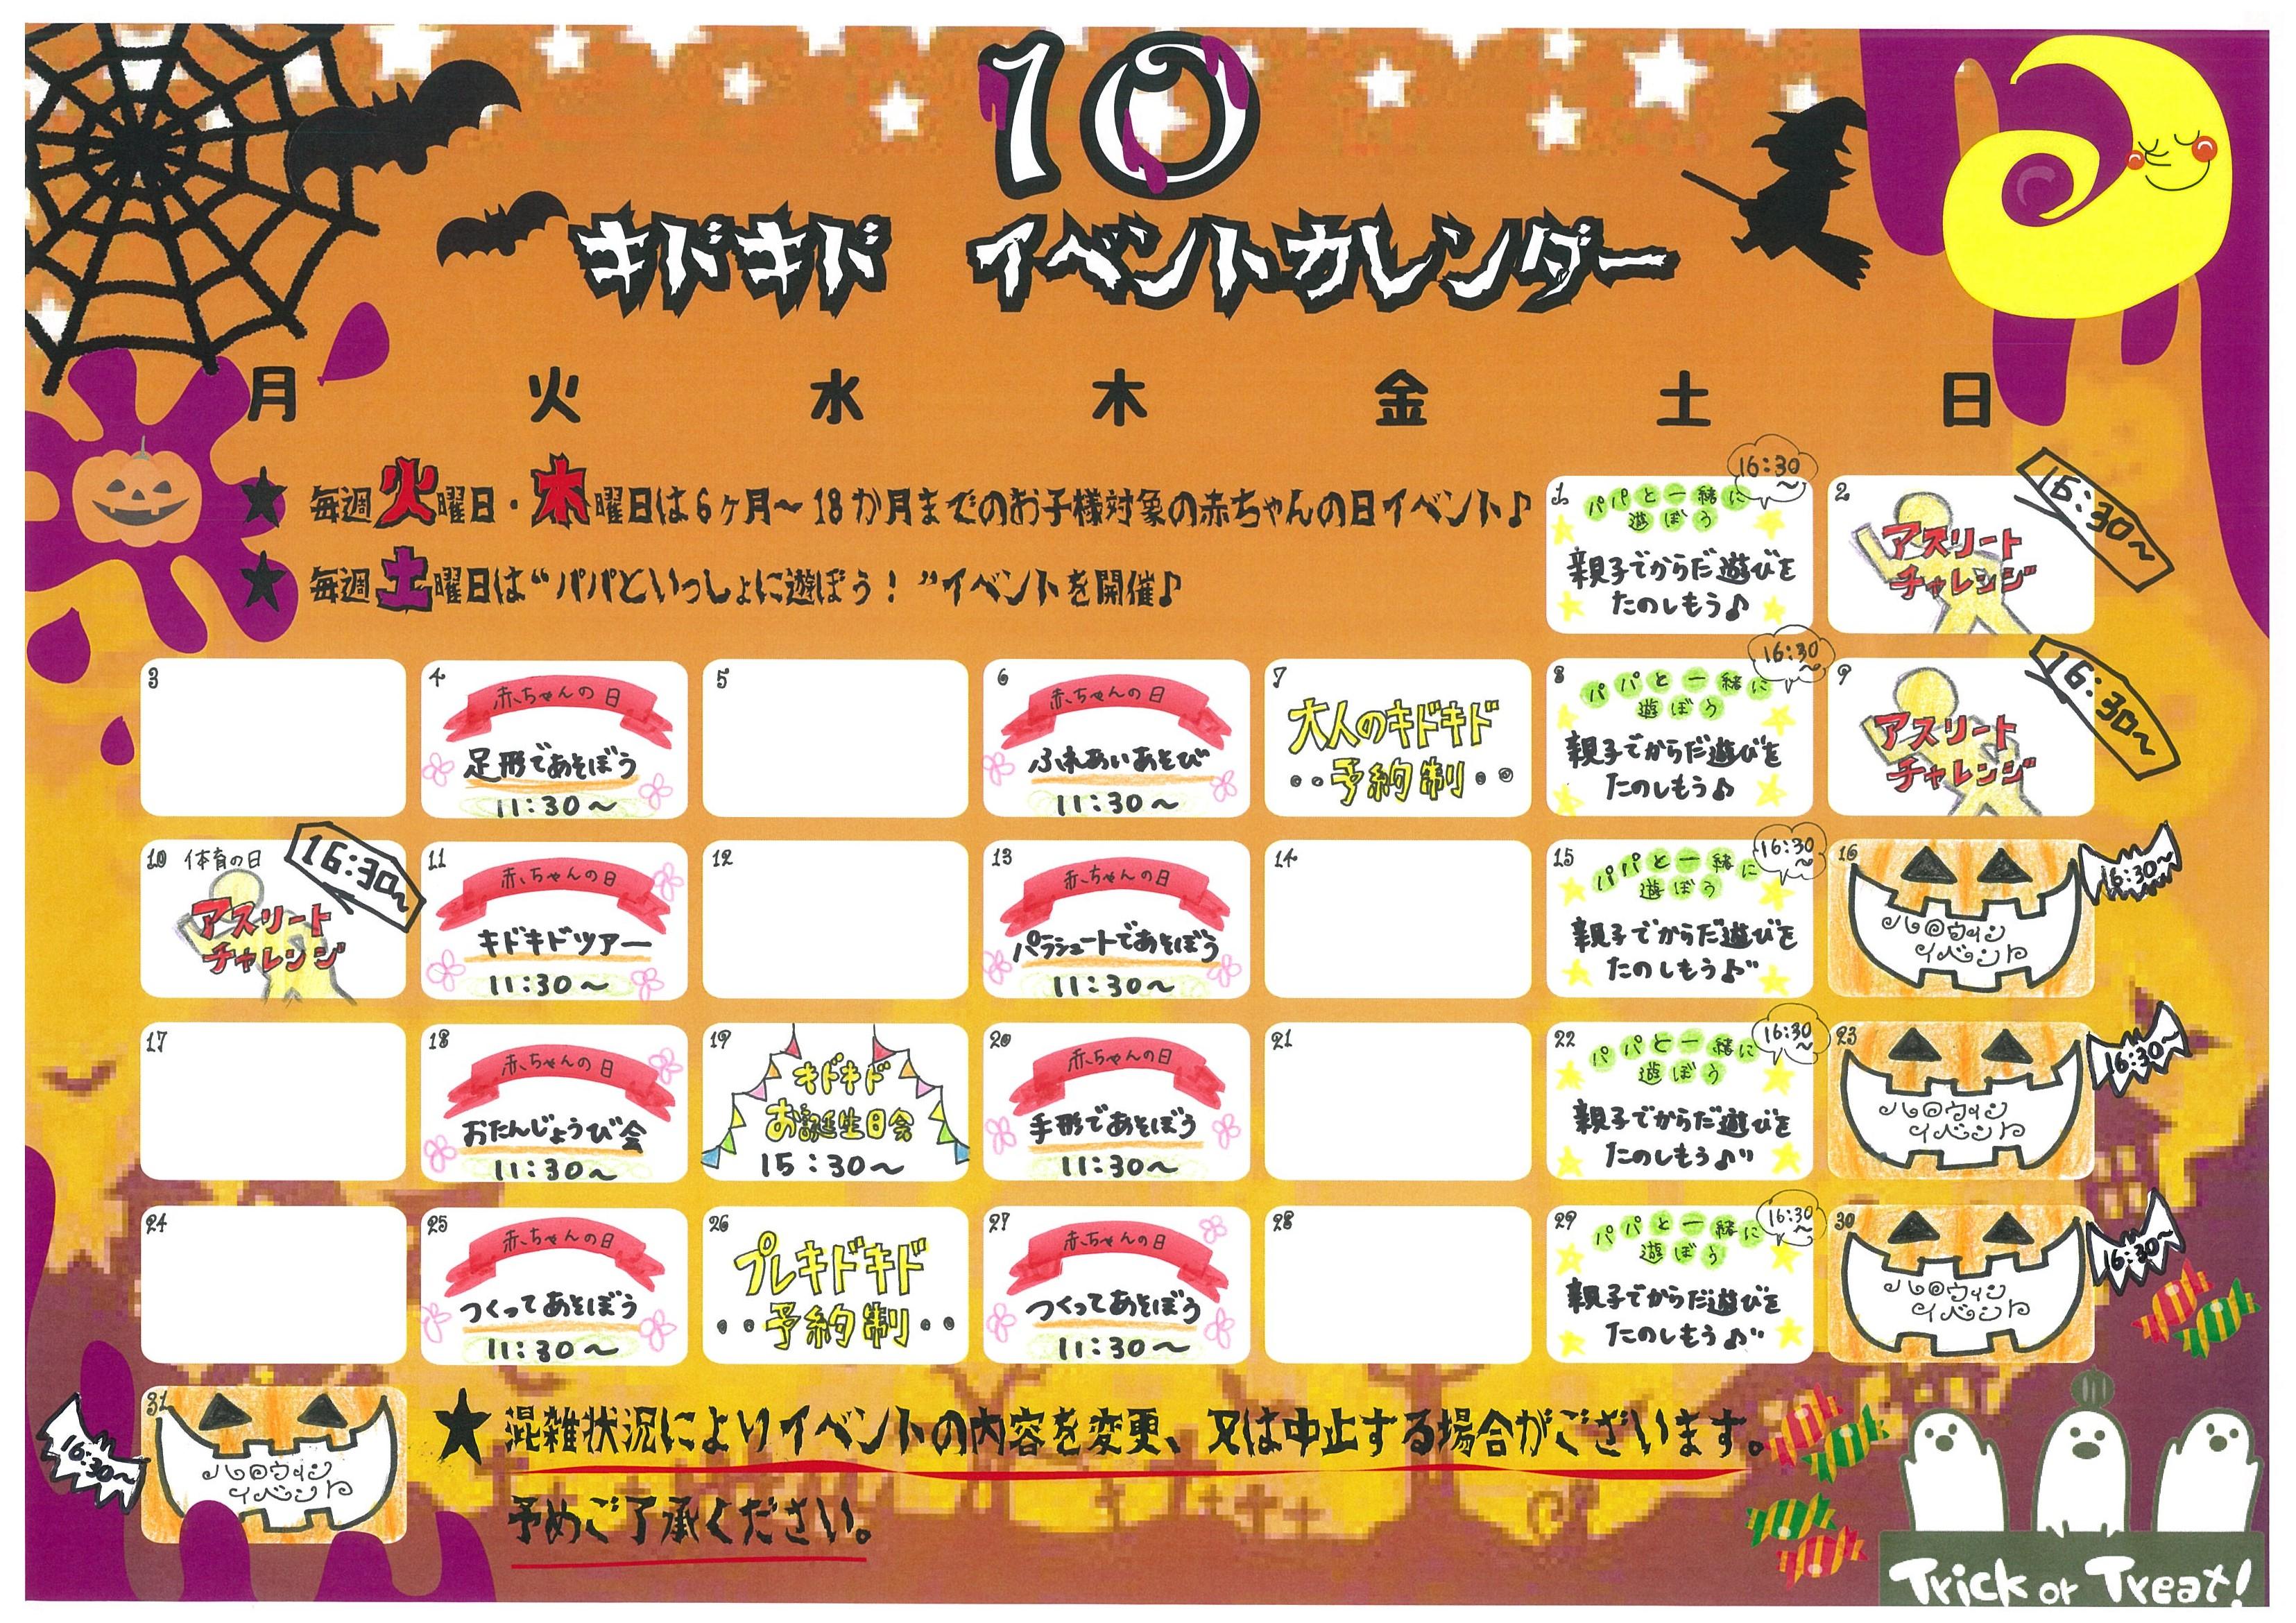 10月のイベントカレンダーが出来ました♪